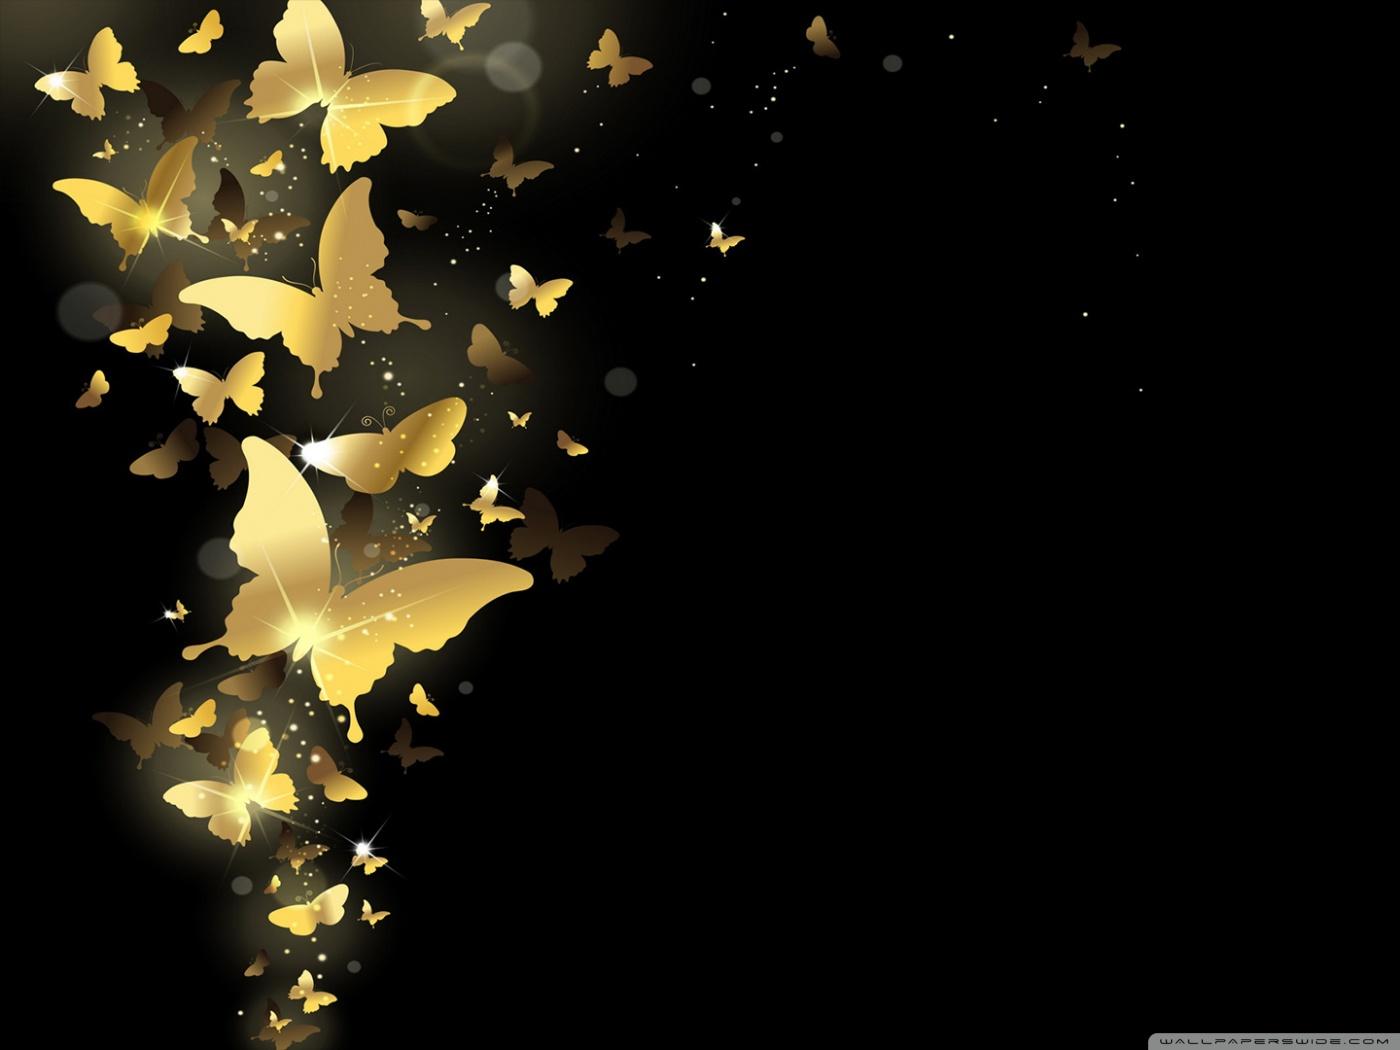 Wallpaper Smartphone 3d Golden Butterflies 4k Hd Desktop Wallpaper For 4k Ultra Hd